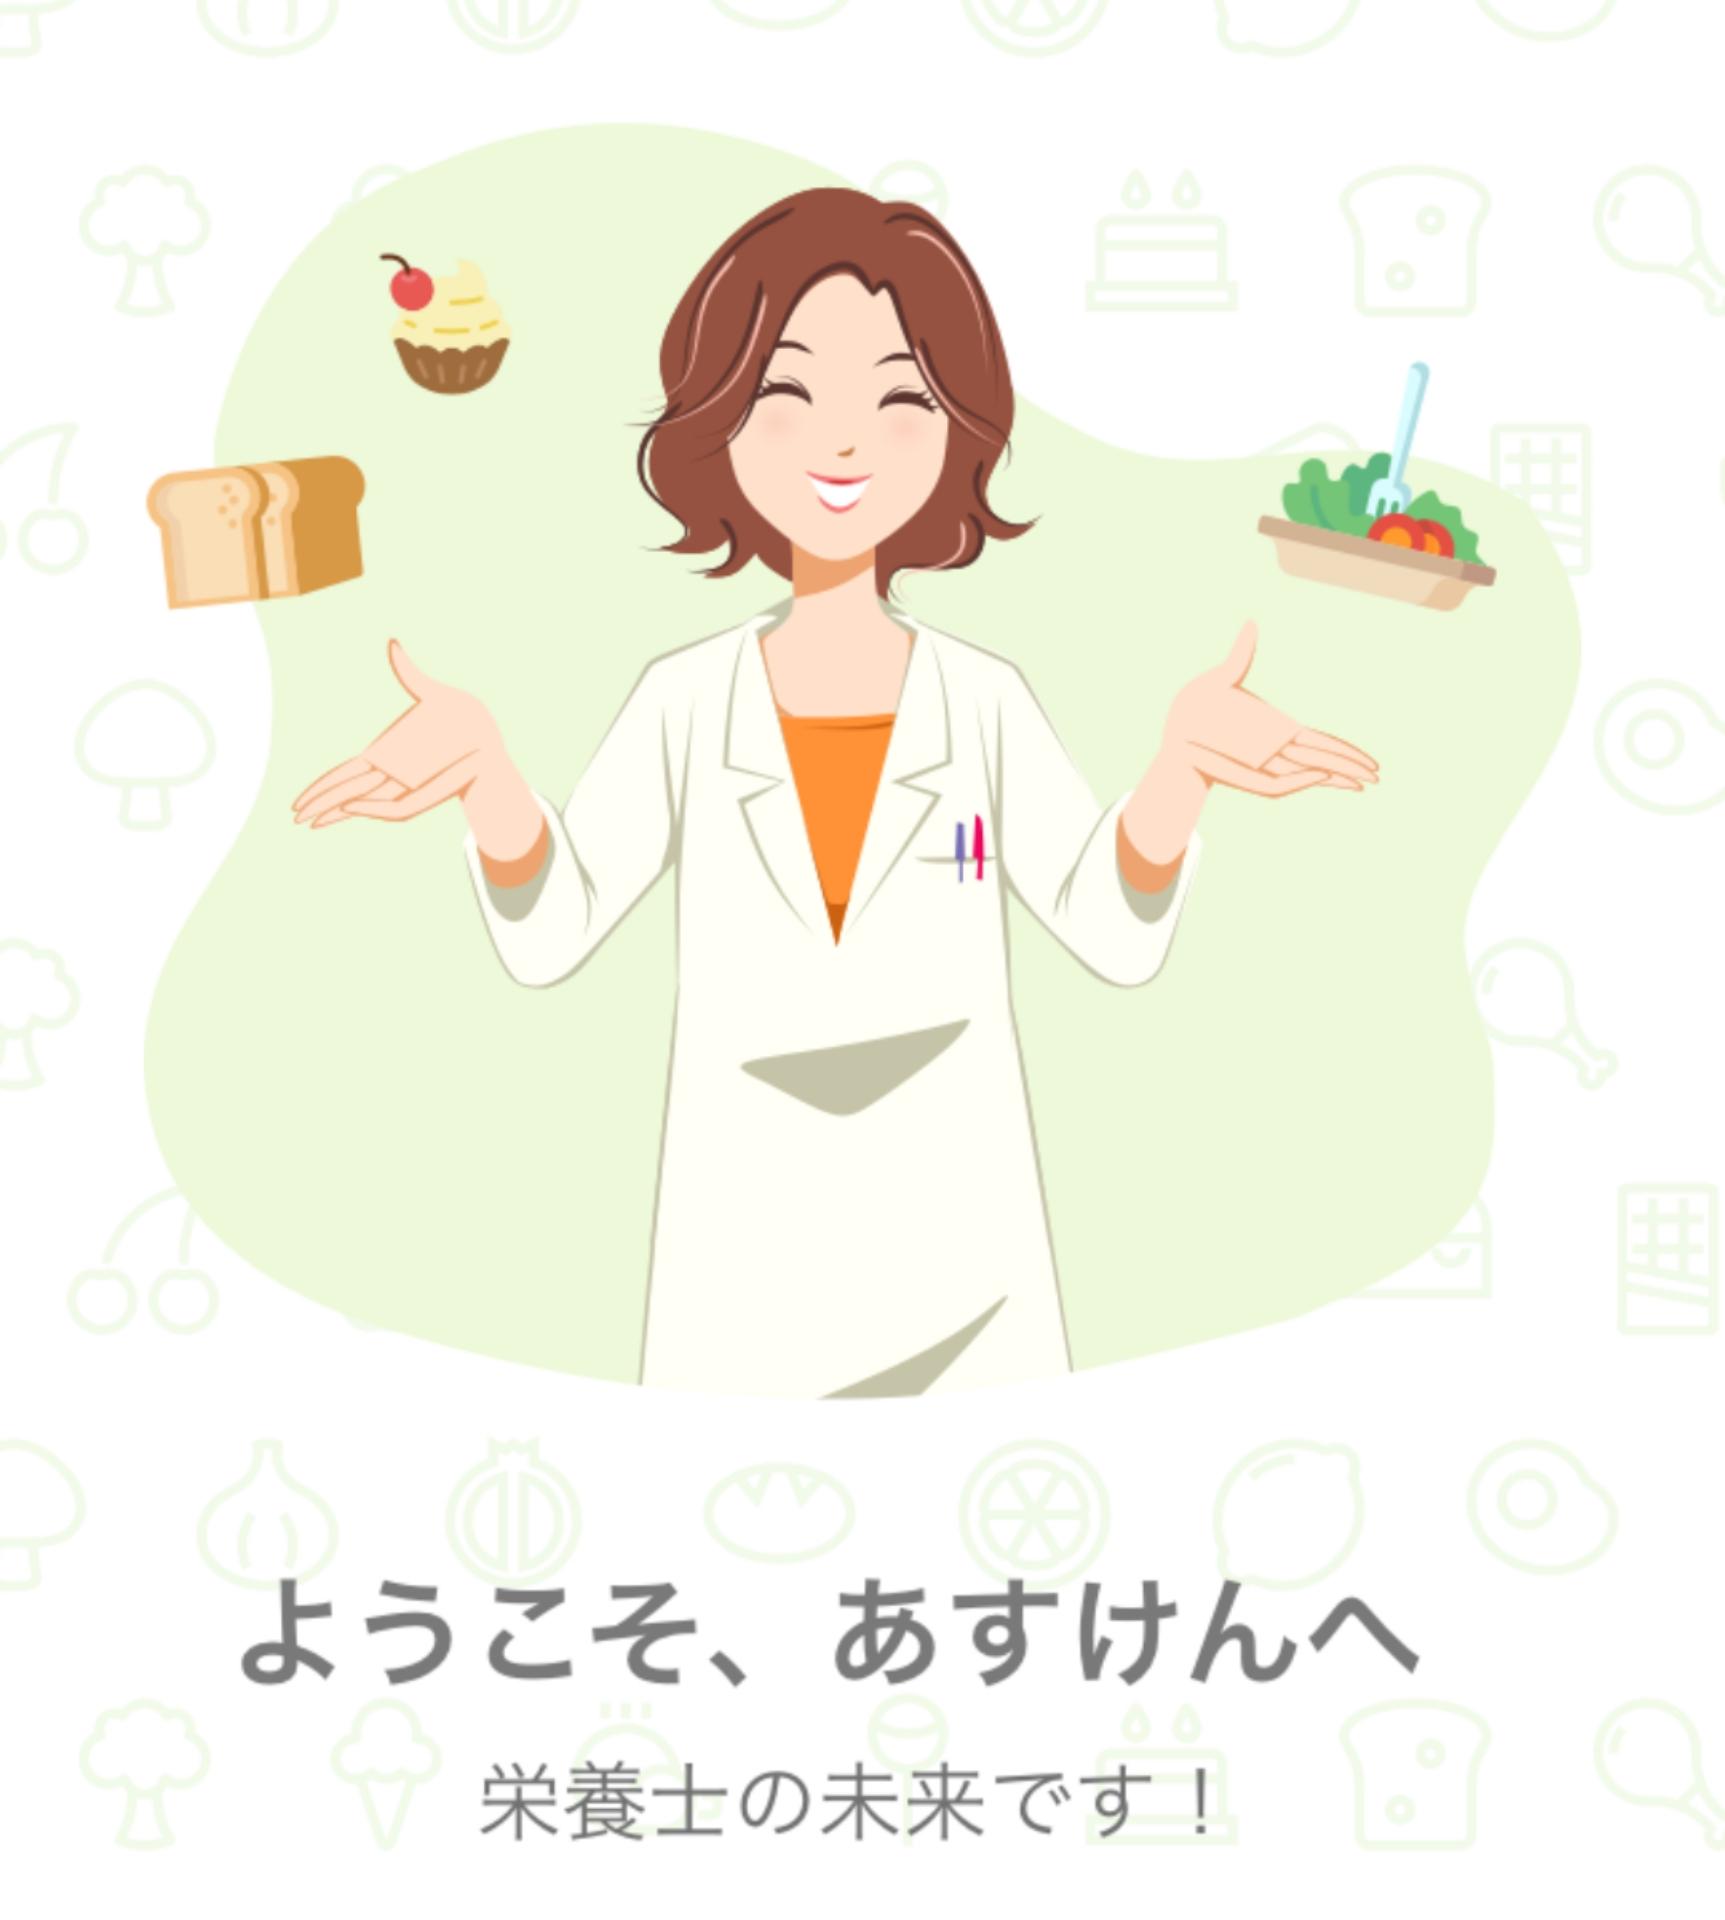 あすけん 未来 AI 栄養士